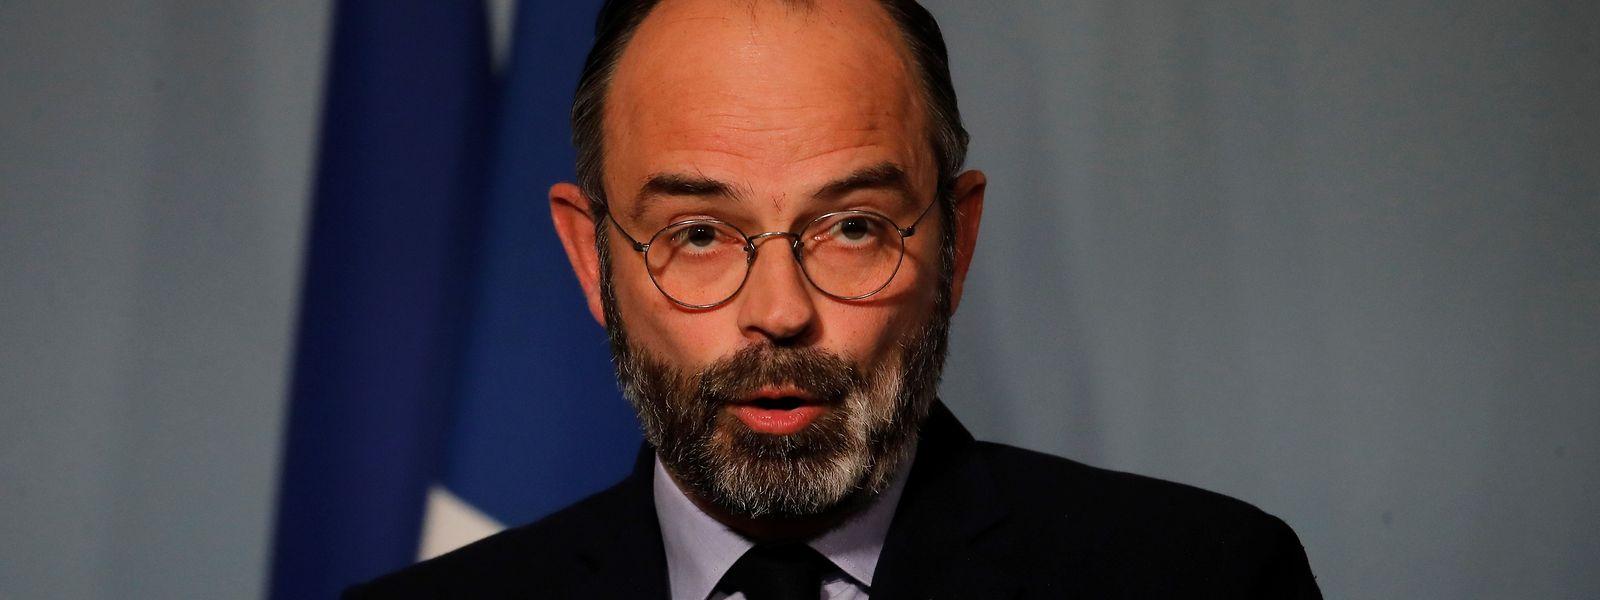 Pour le Premier ministre Edouard Philippe «il est clair que nous n'en sommes qu'au début de la vague épidémique»